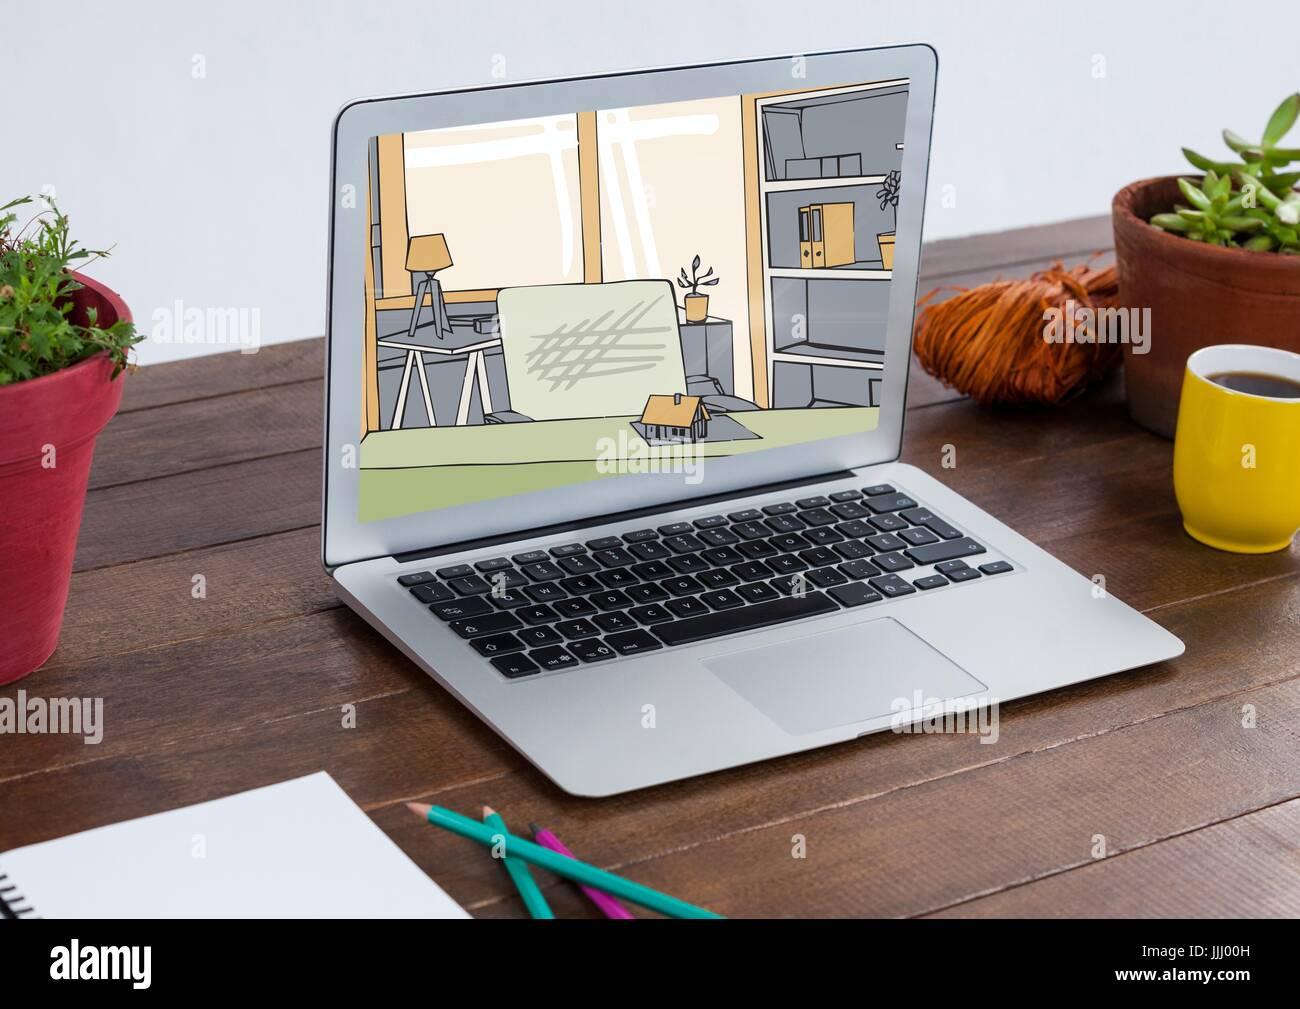 Laptop mit Wohnzimmer neues Design (Farbe: grün, grau und Beige ...